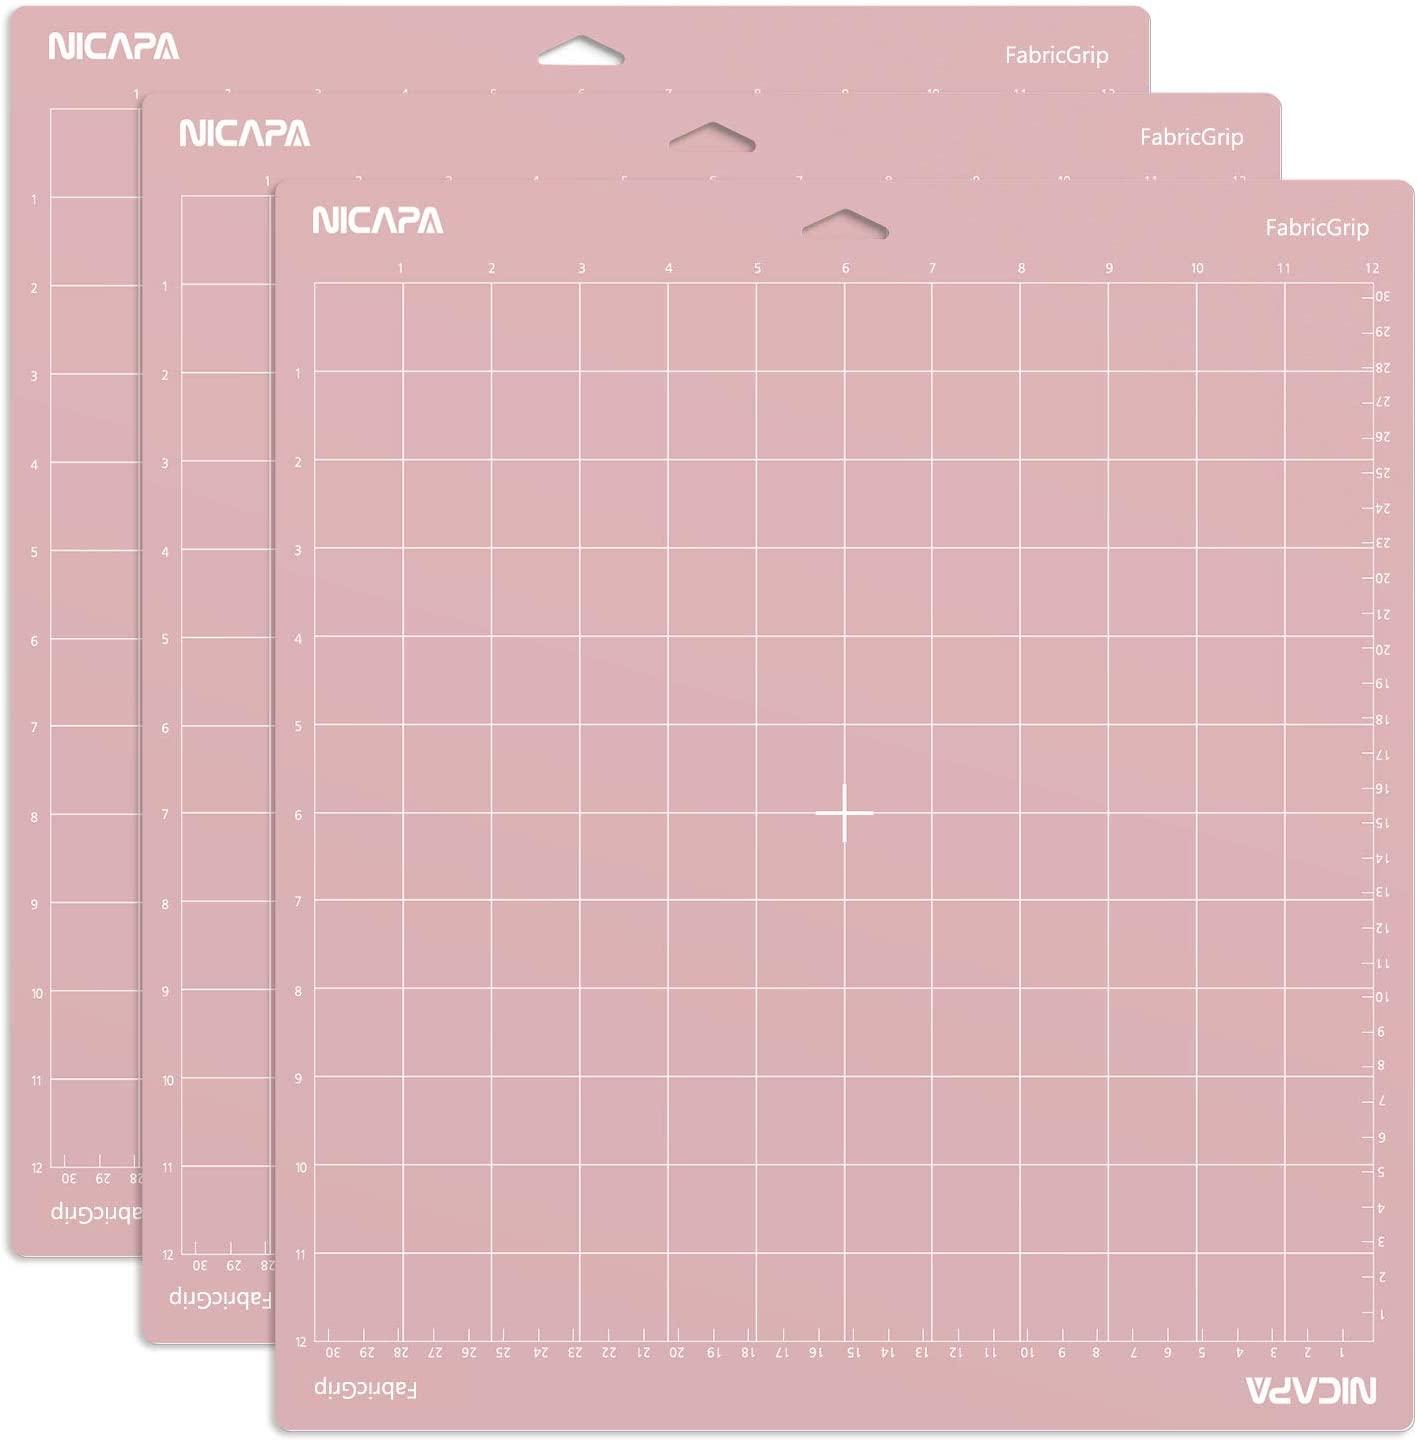 fabric grip mat image